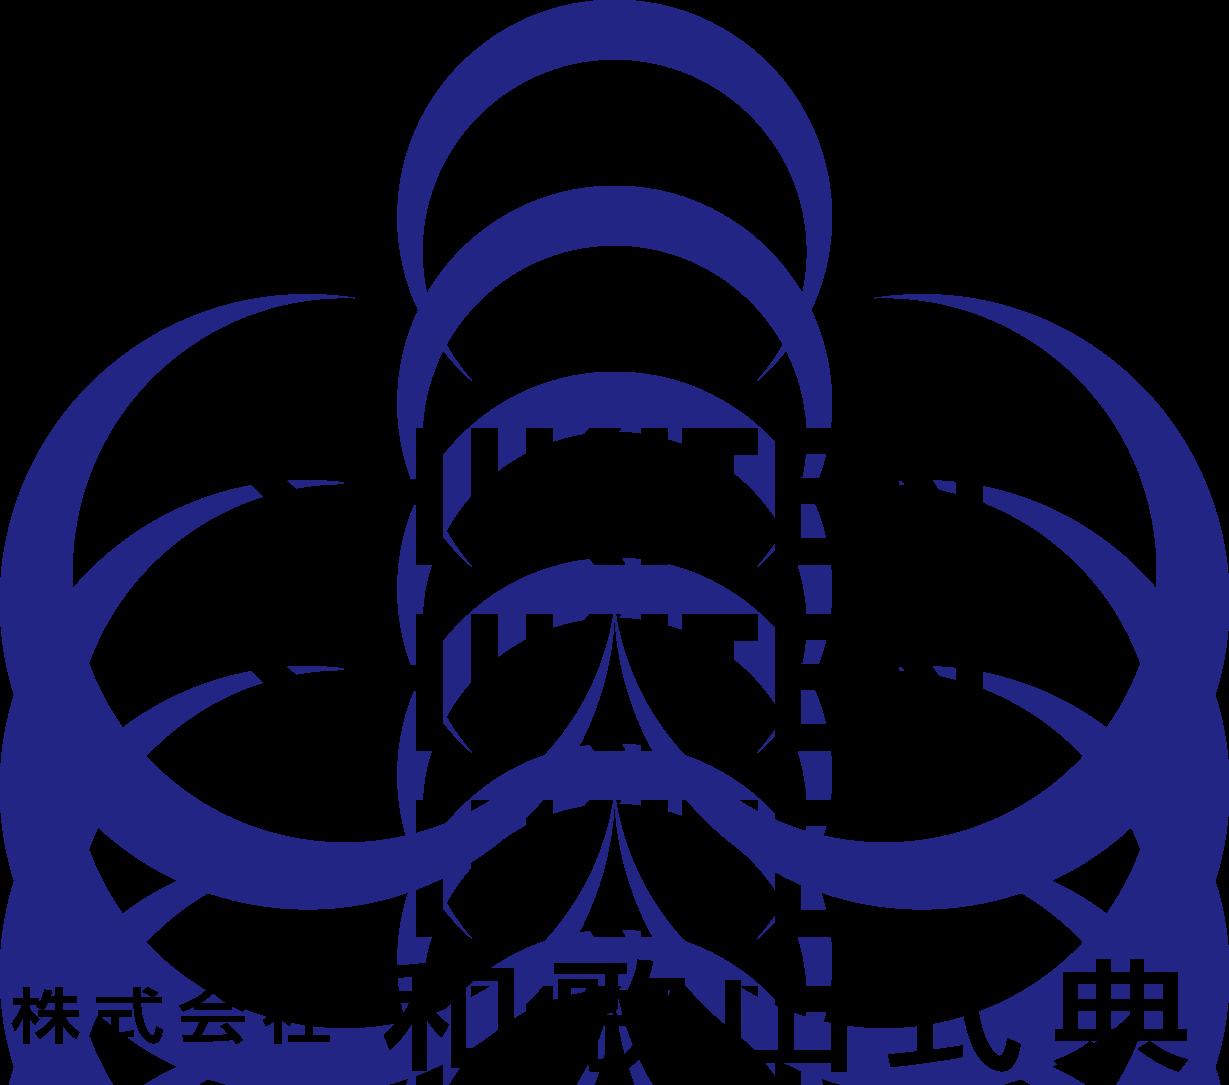 和歌山式典ロゴ